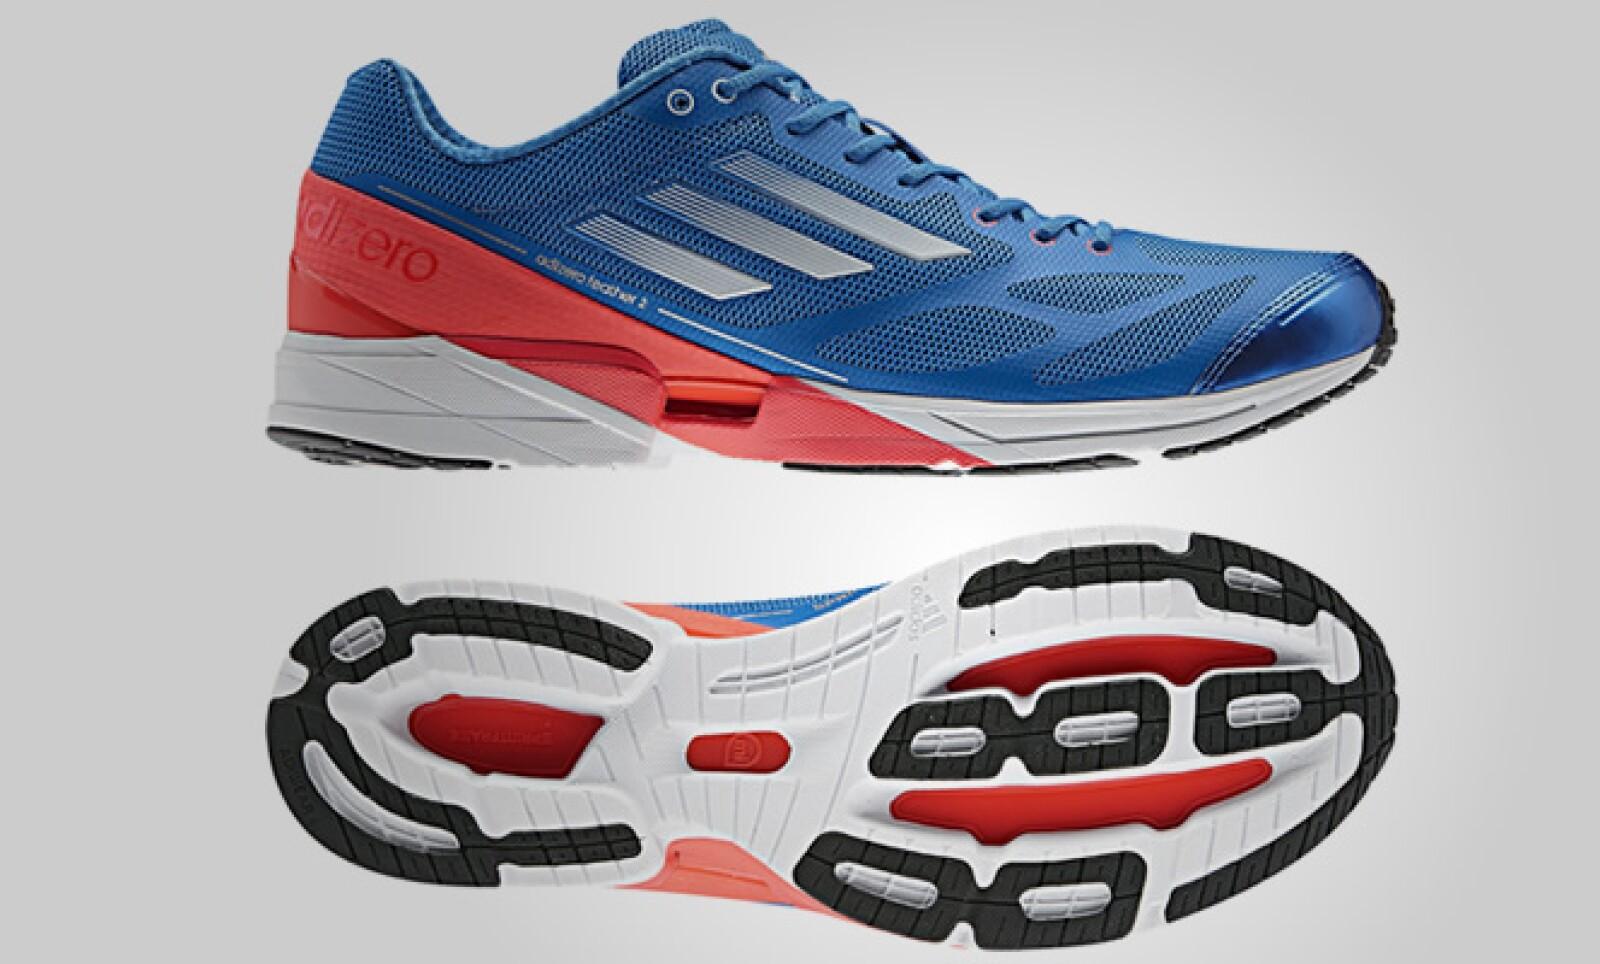 Apenas unos meses antes de que los atletas se reunieran para los Juegos Olímpicos de Londres 2012, la marca lanzó el modelo Feather 2, un calzado para ayudar a los atletas en todo el mundo a ser más rápidos y a mejorar su desempeño.